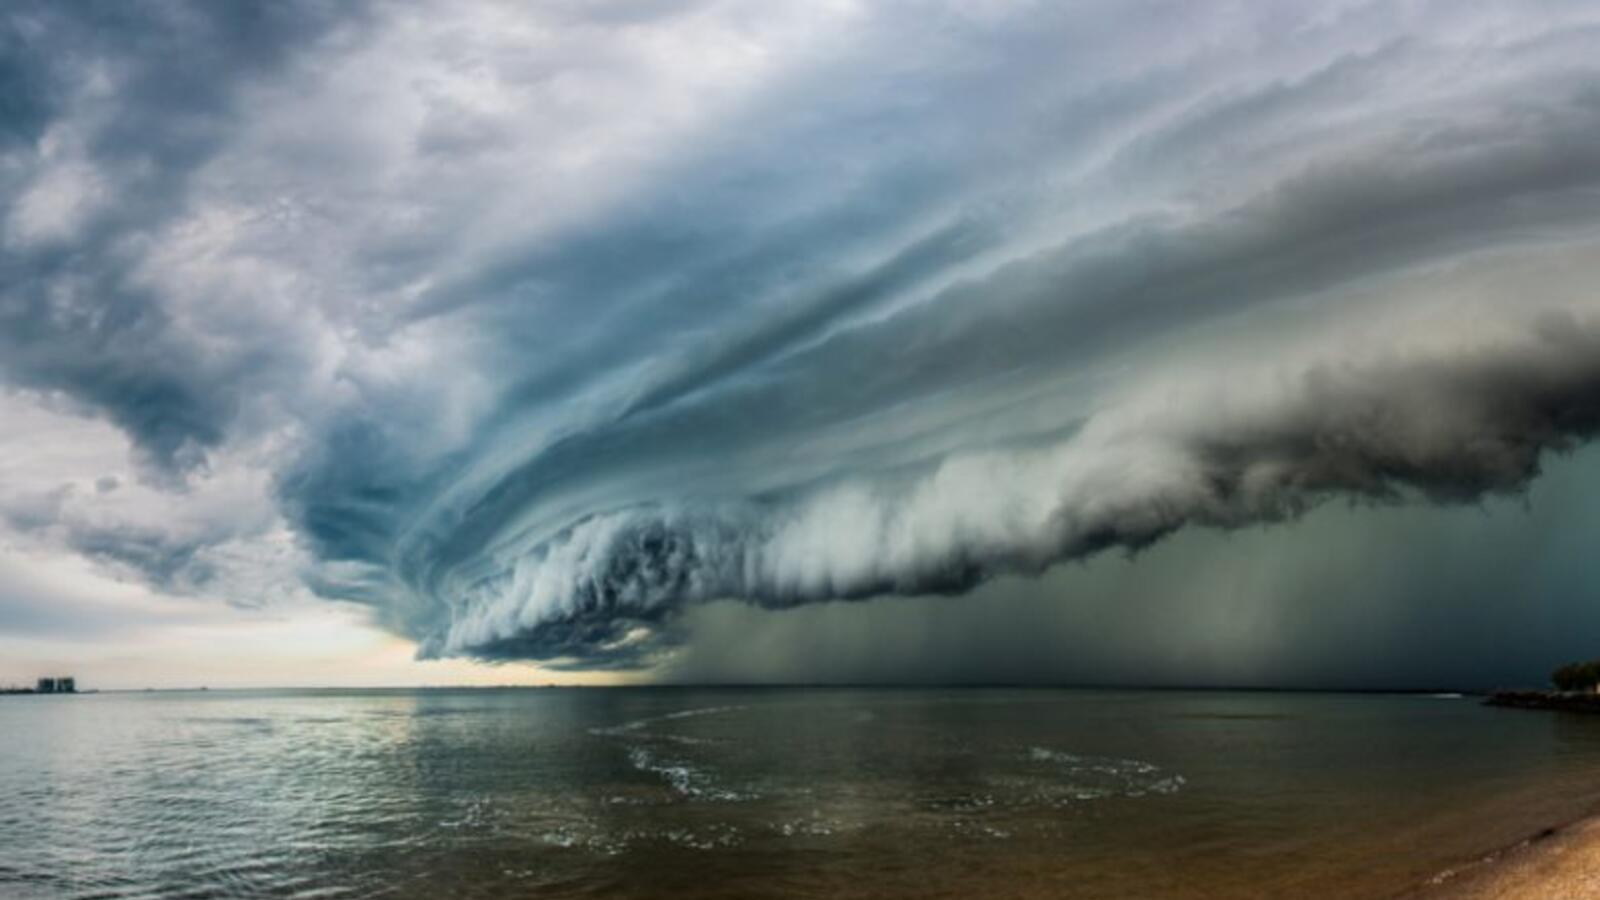 """تحذير من عاصفة """"التنين"""" العنيفة التي تقترب…أمطار طوفانية ورياح قوية جدا –  الجرأة نيوز – aljoraanews"""